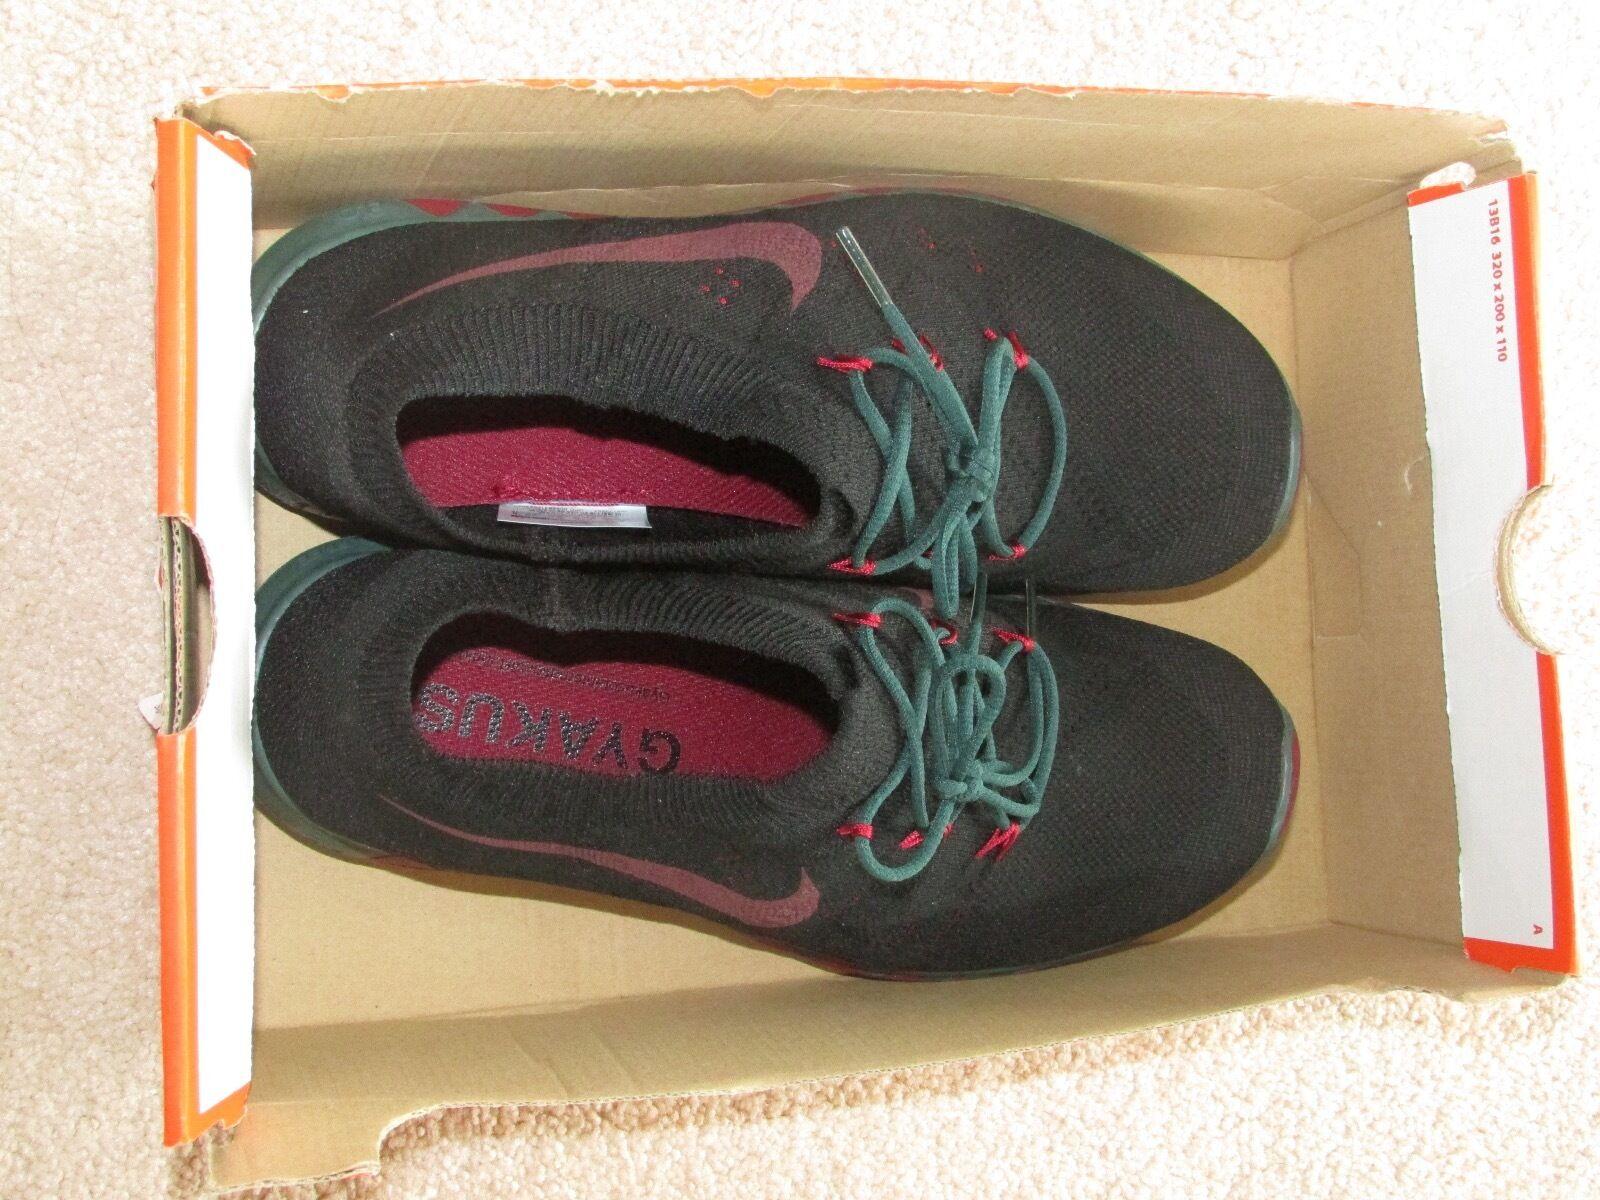 Nike free 3.0 flyknit gyakusou mens sz 8,5 8,5 sz schwarz / pro green-team rot 1daeec